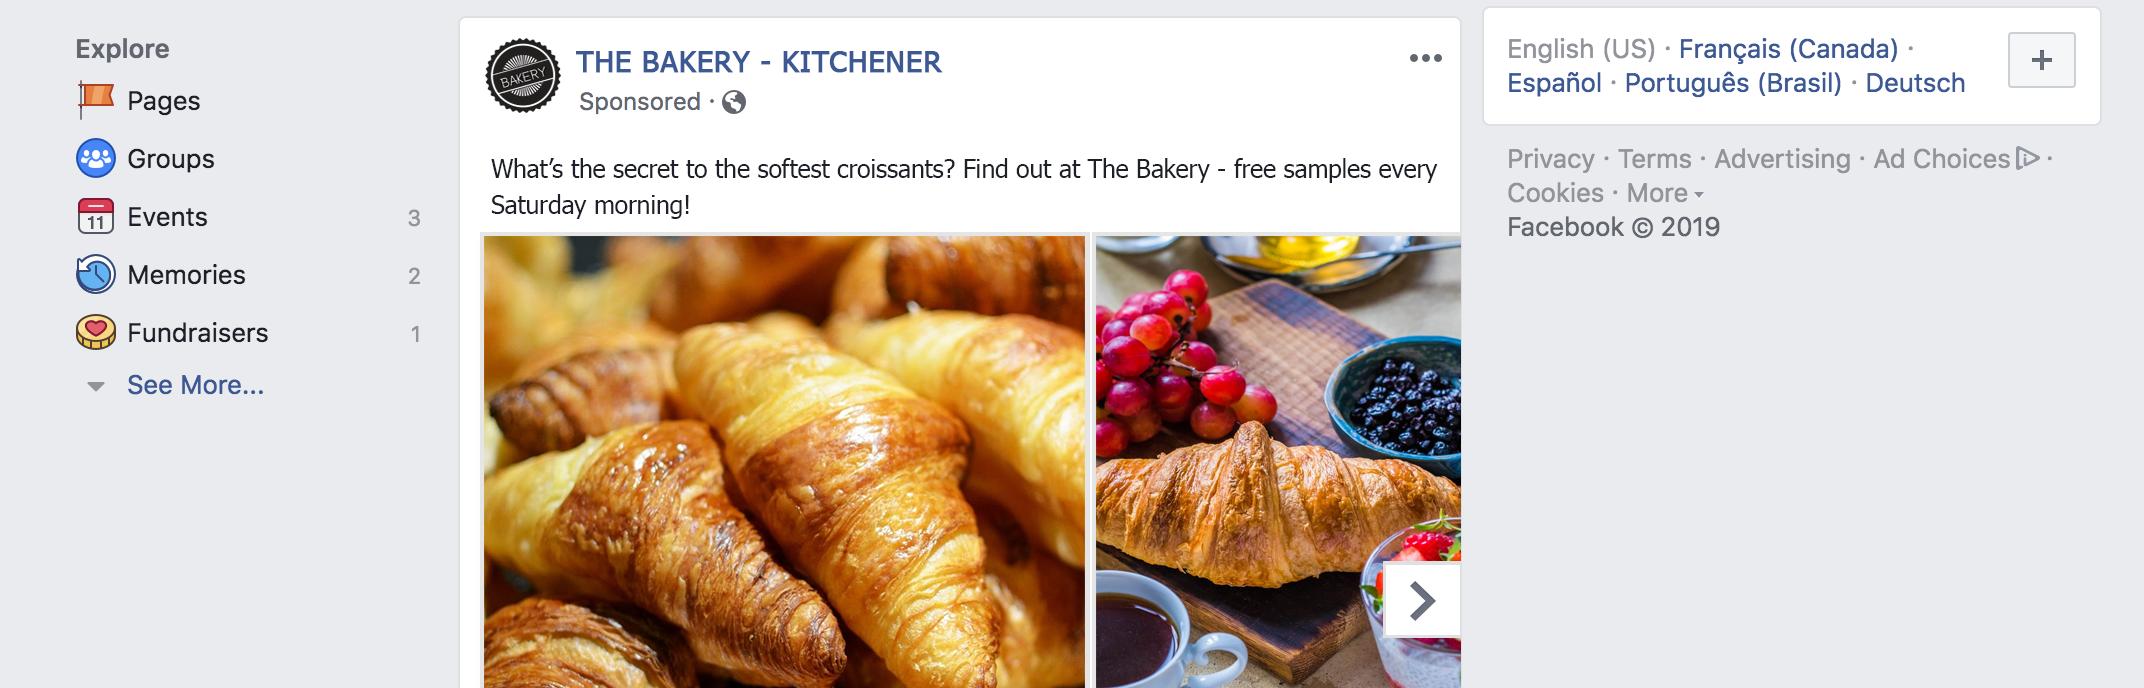 BakeryAdExample (1).png